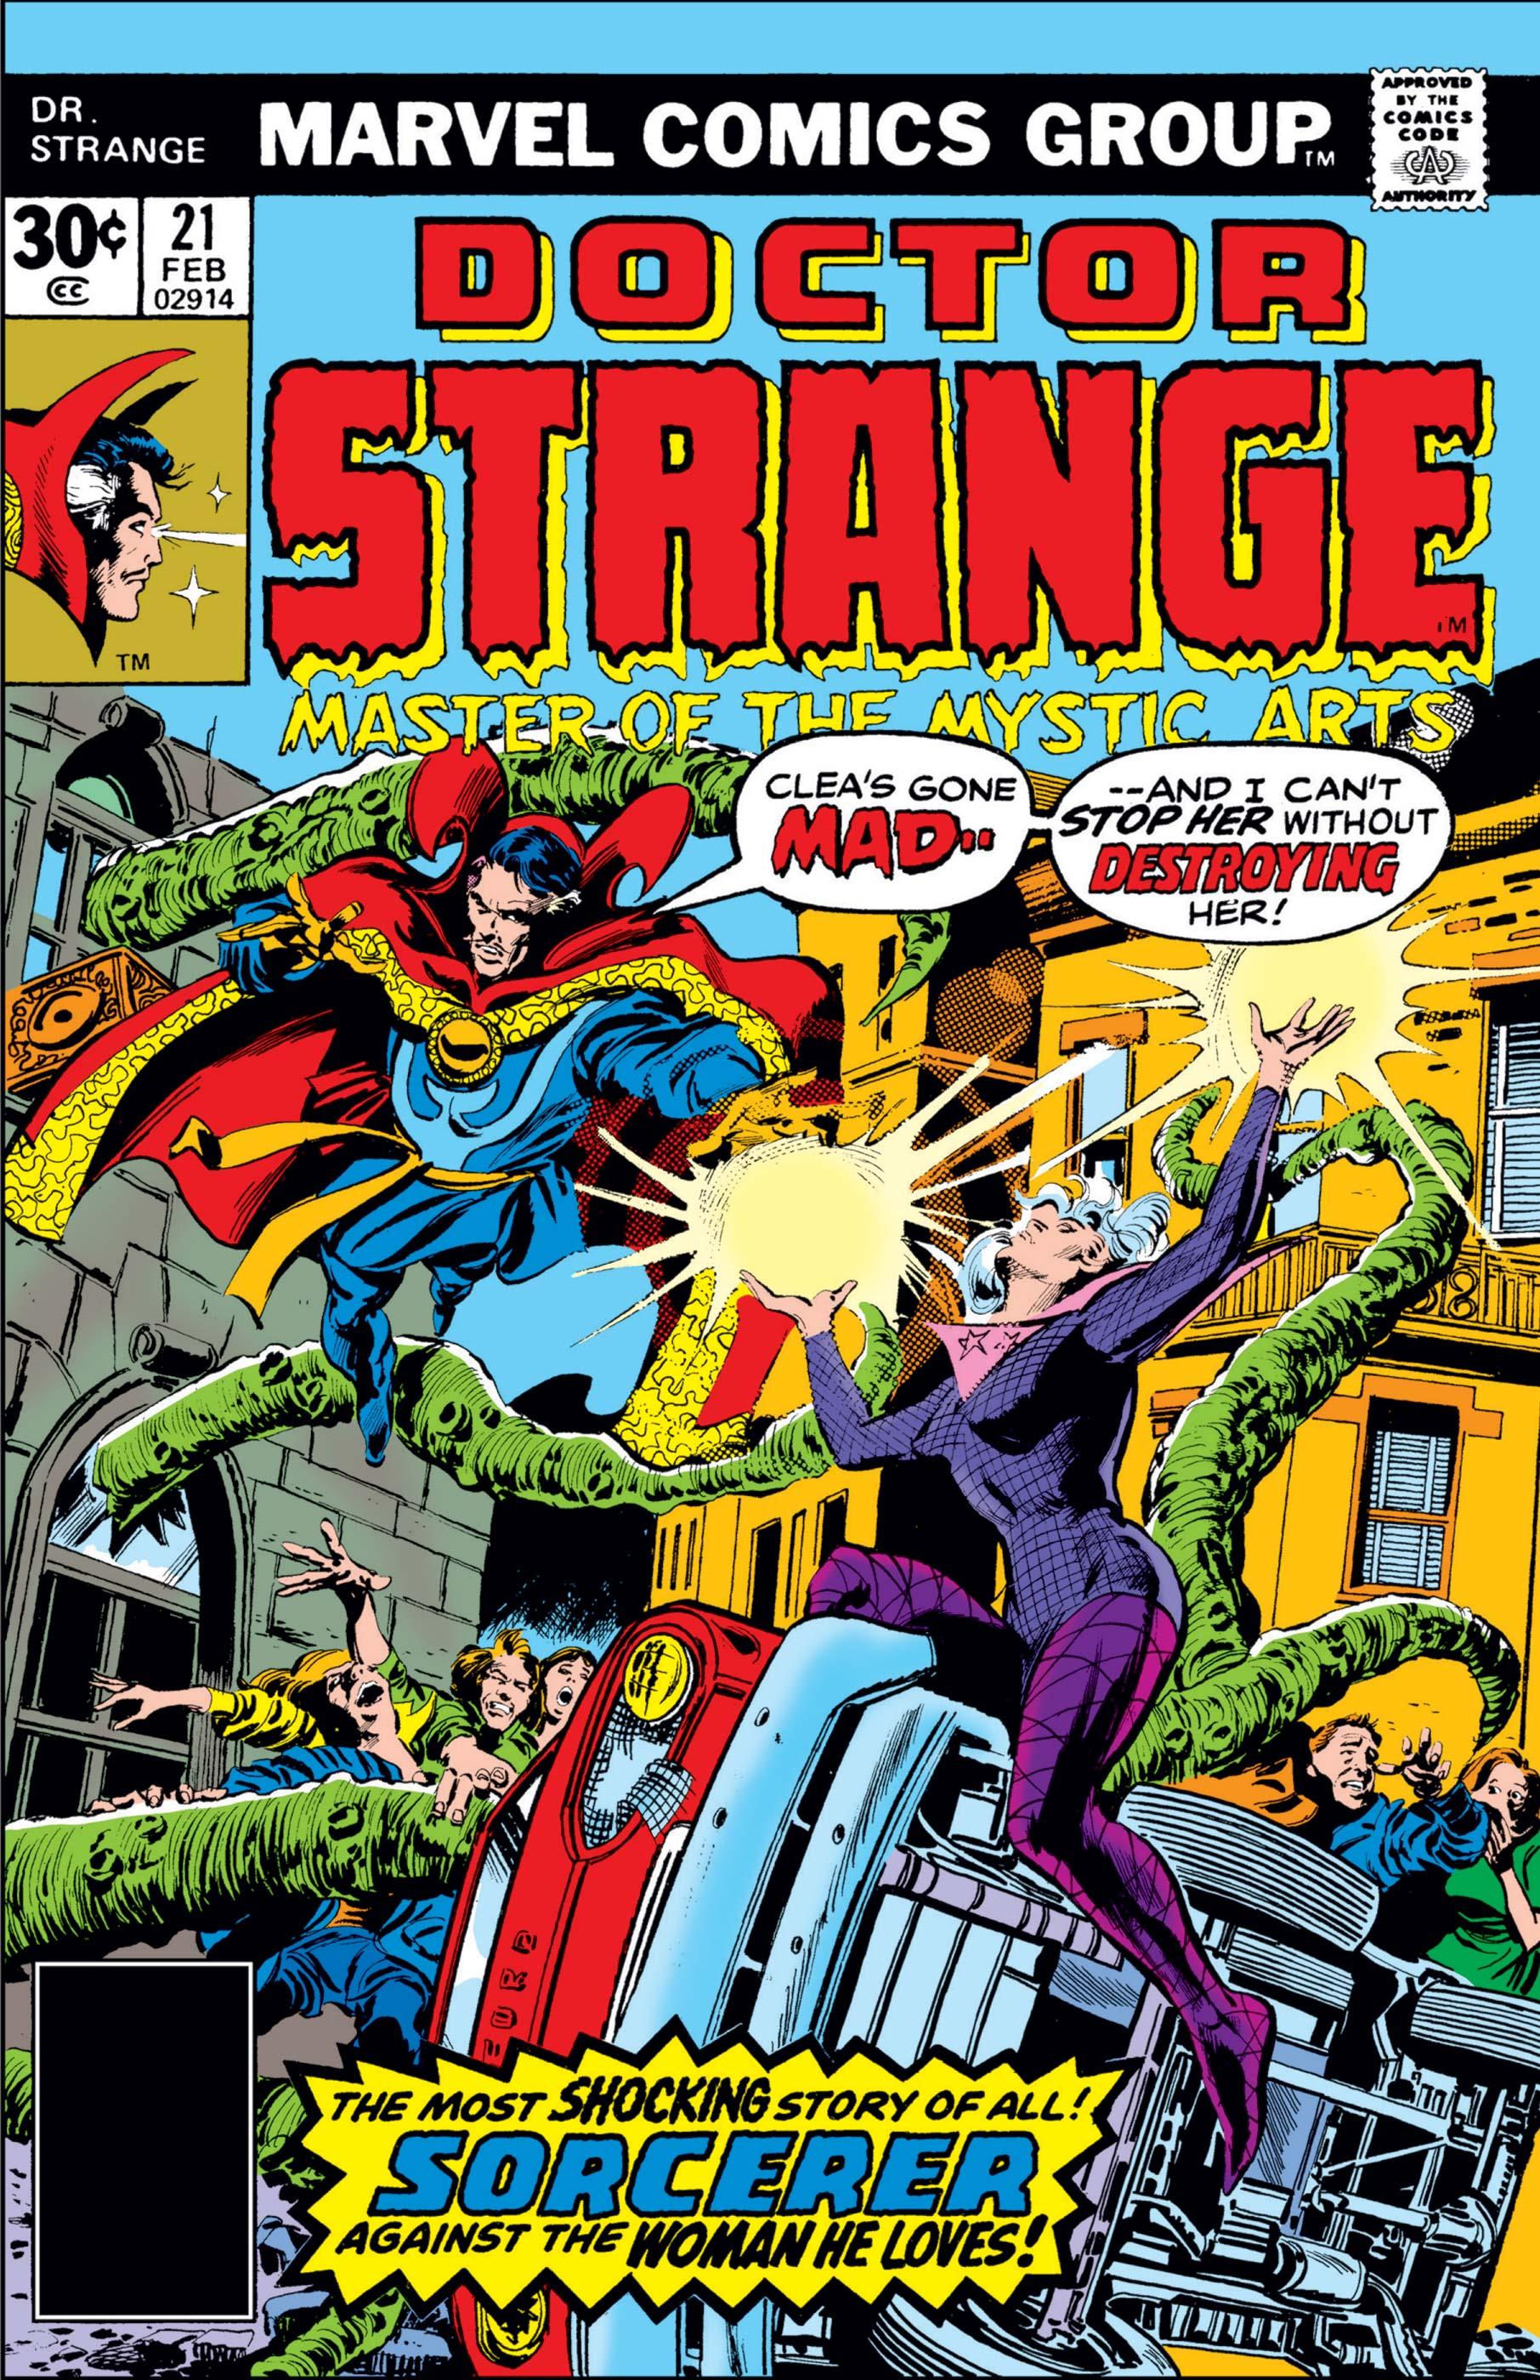 Doctor Strange (1974) #21